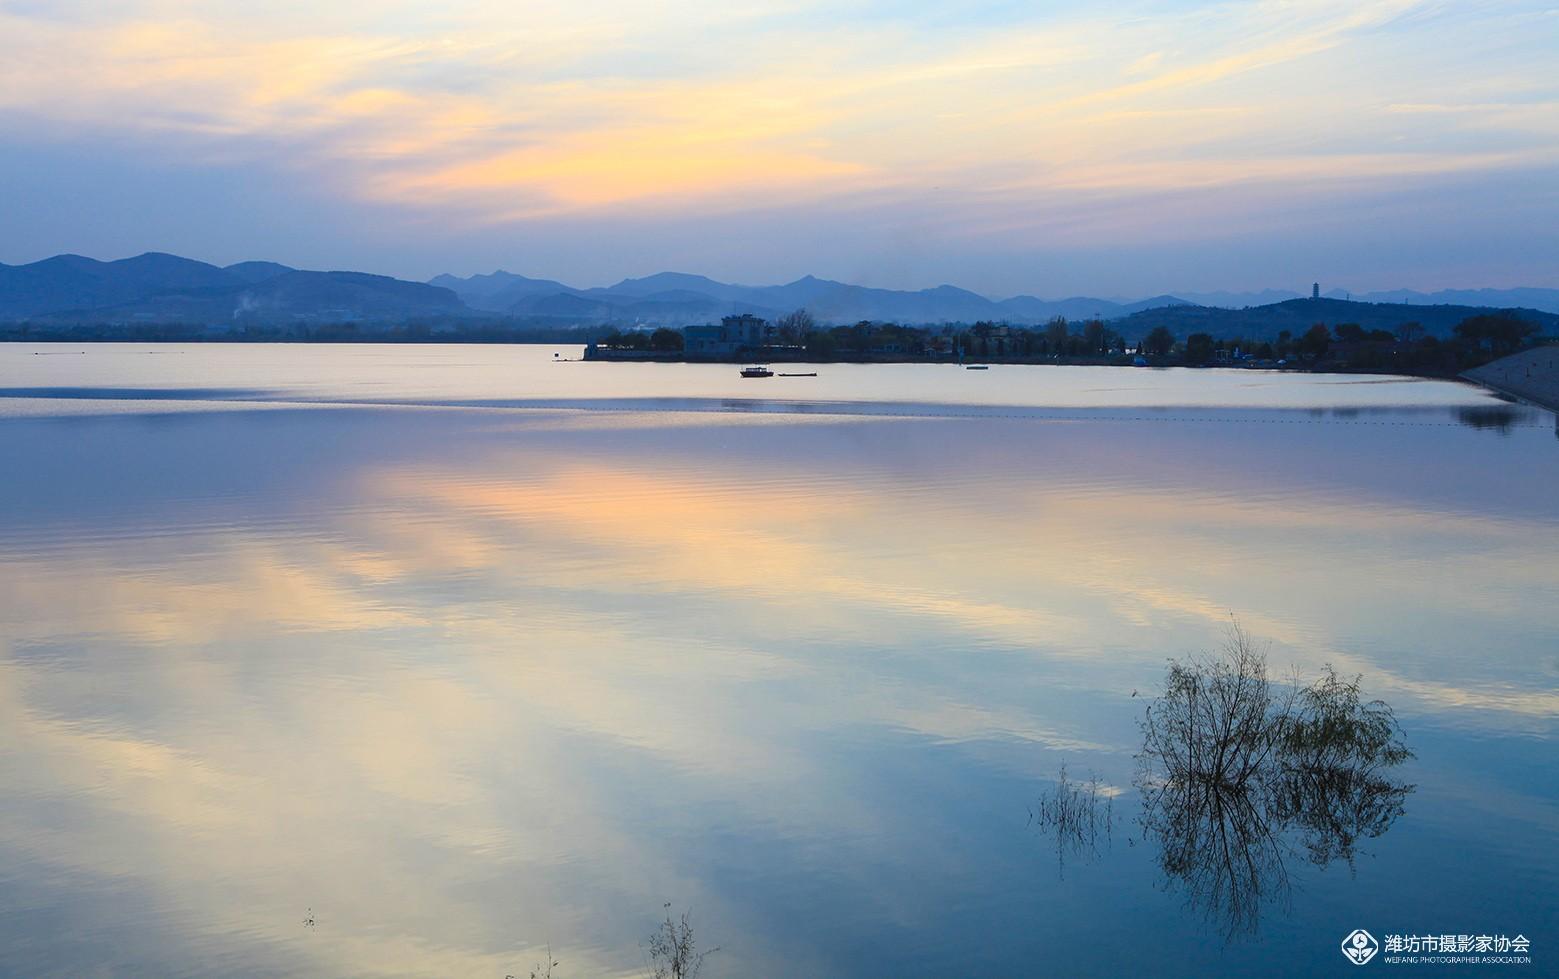 静谧的巨洋湖